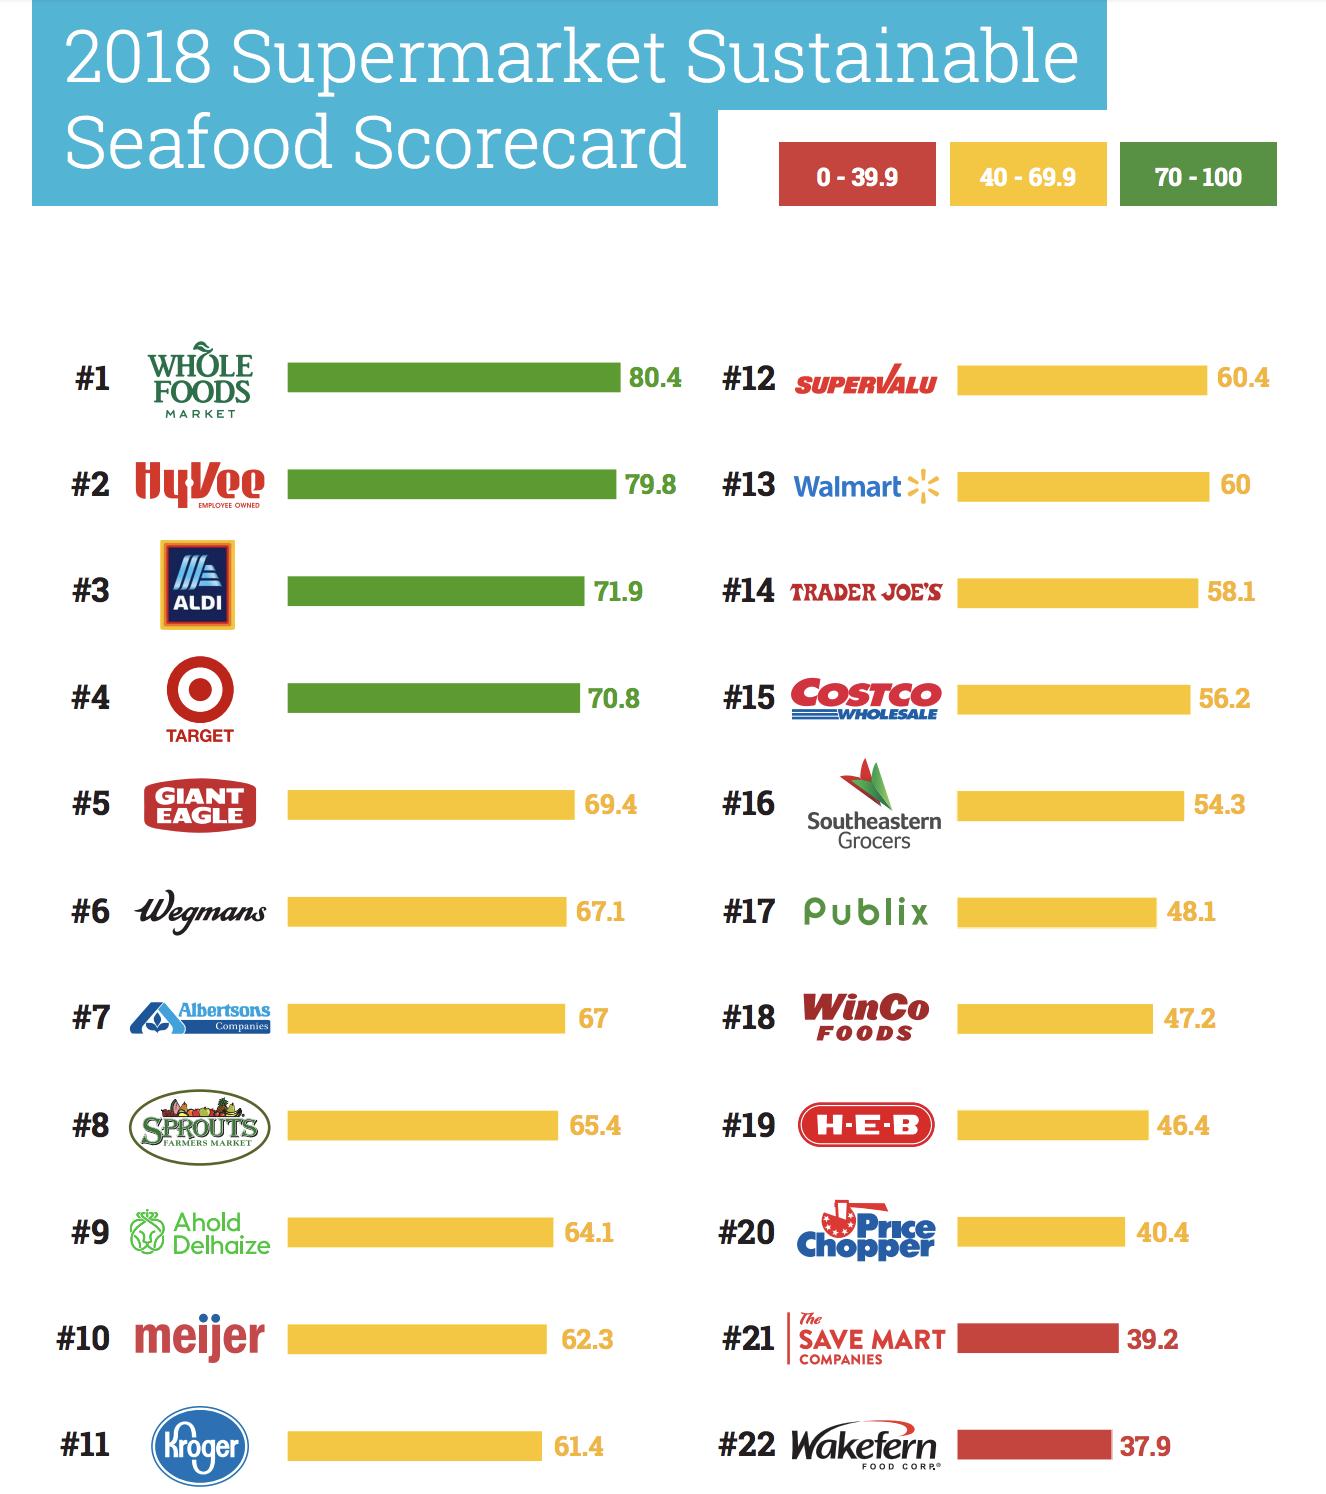 【アメリカ】グリーンピース、米小売22社の海産物サステナビリティ評価。首位ホールフーズ 2